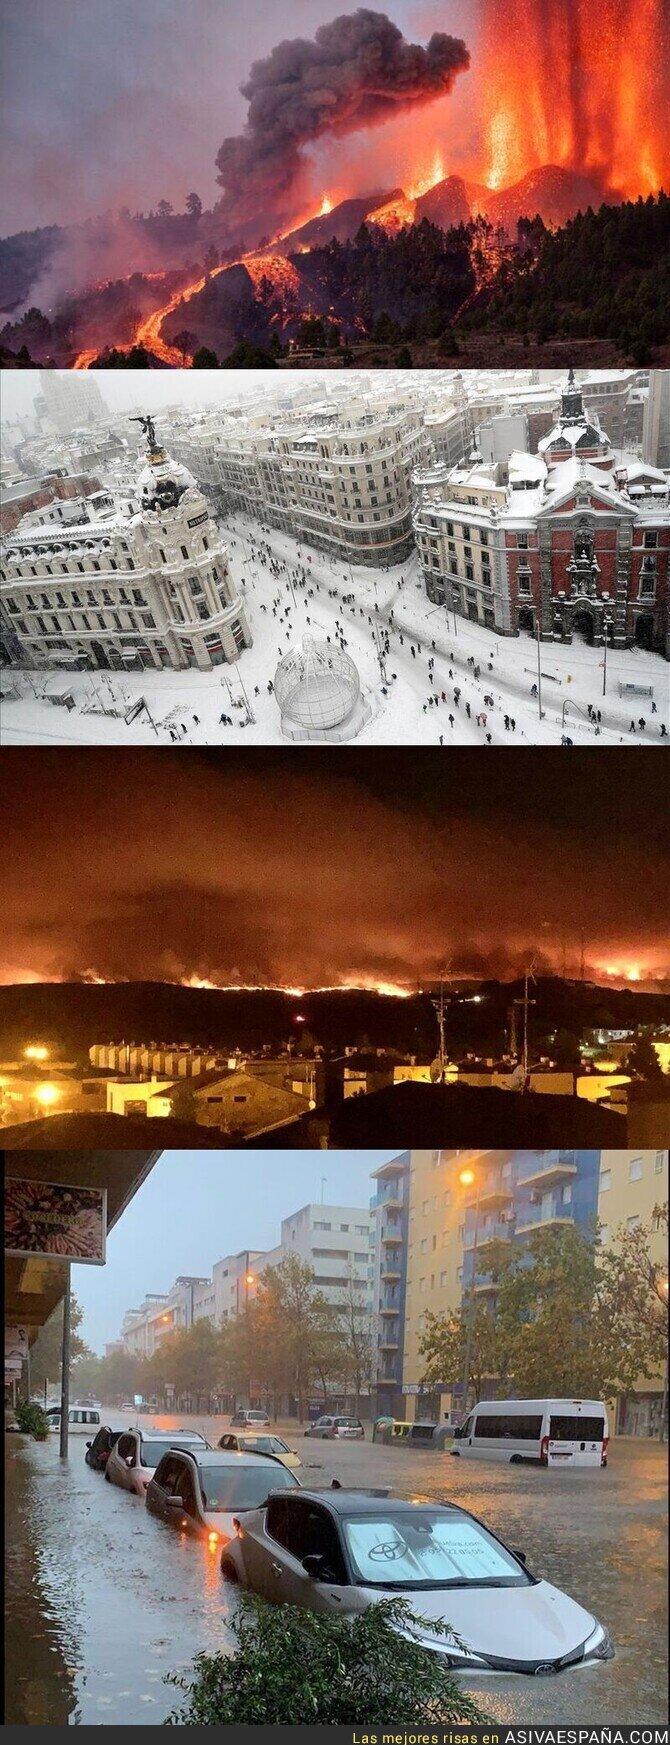 916124 - España 2021: La Palma, Madrid, Ávila, Isla Cristina. Y todavía hay gente que dice que el cambio climático no existe